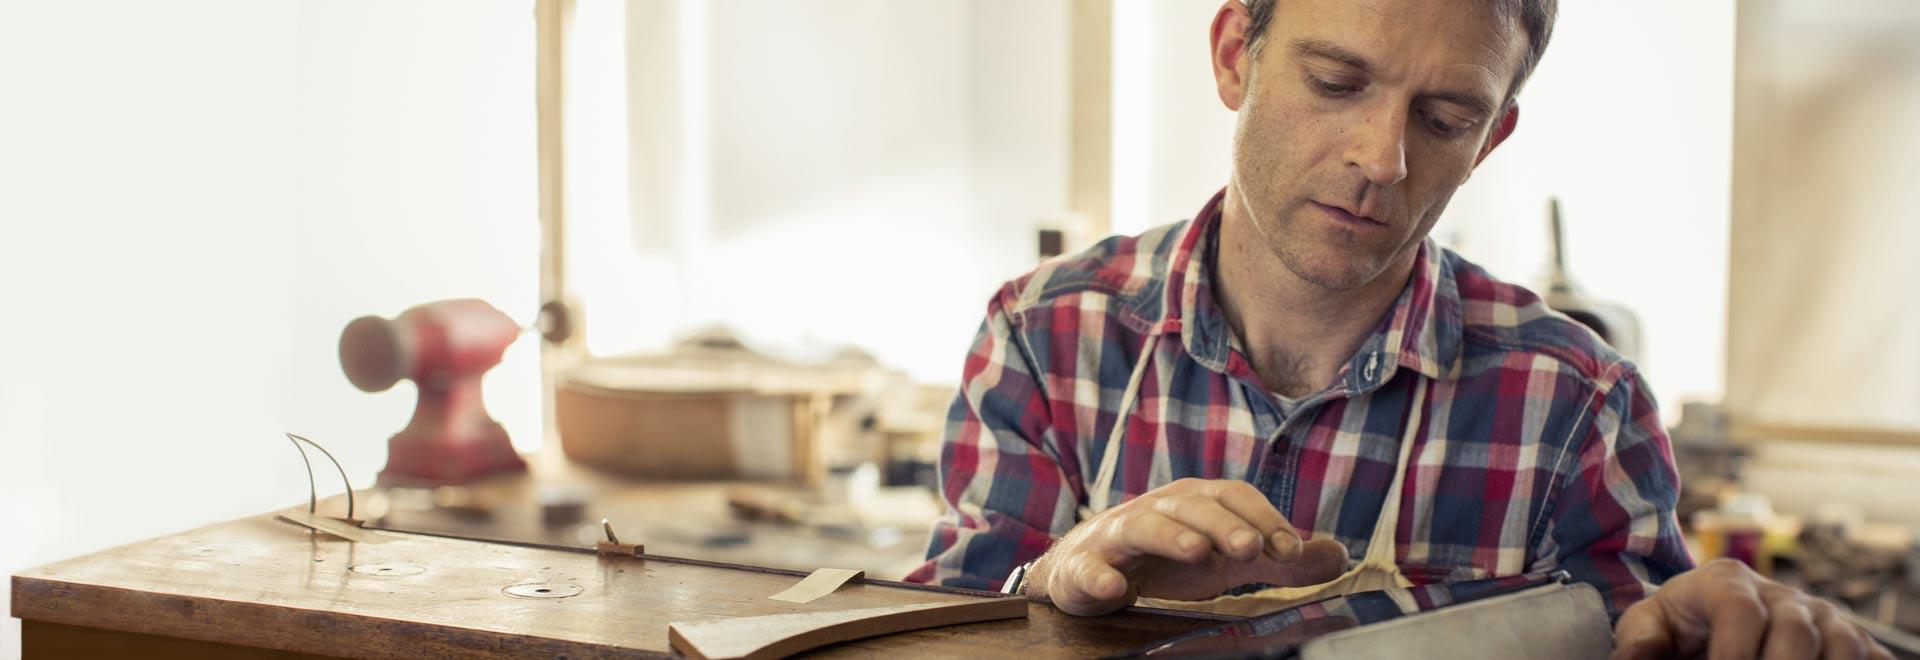 Un bărbat într-un atelier, utilizând Office 365 Business pe o tabletă